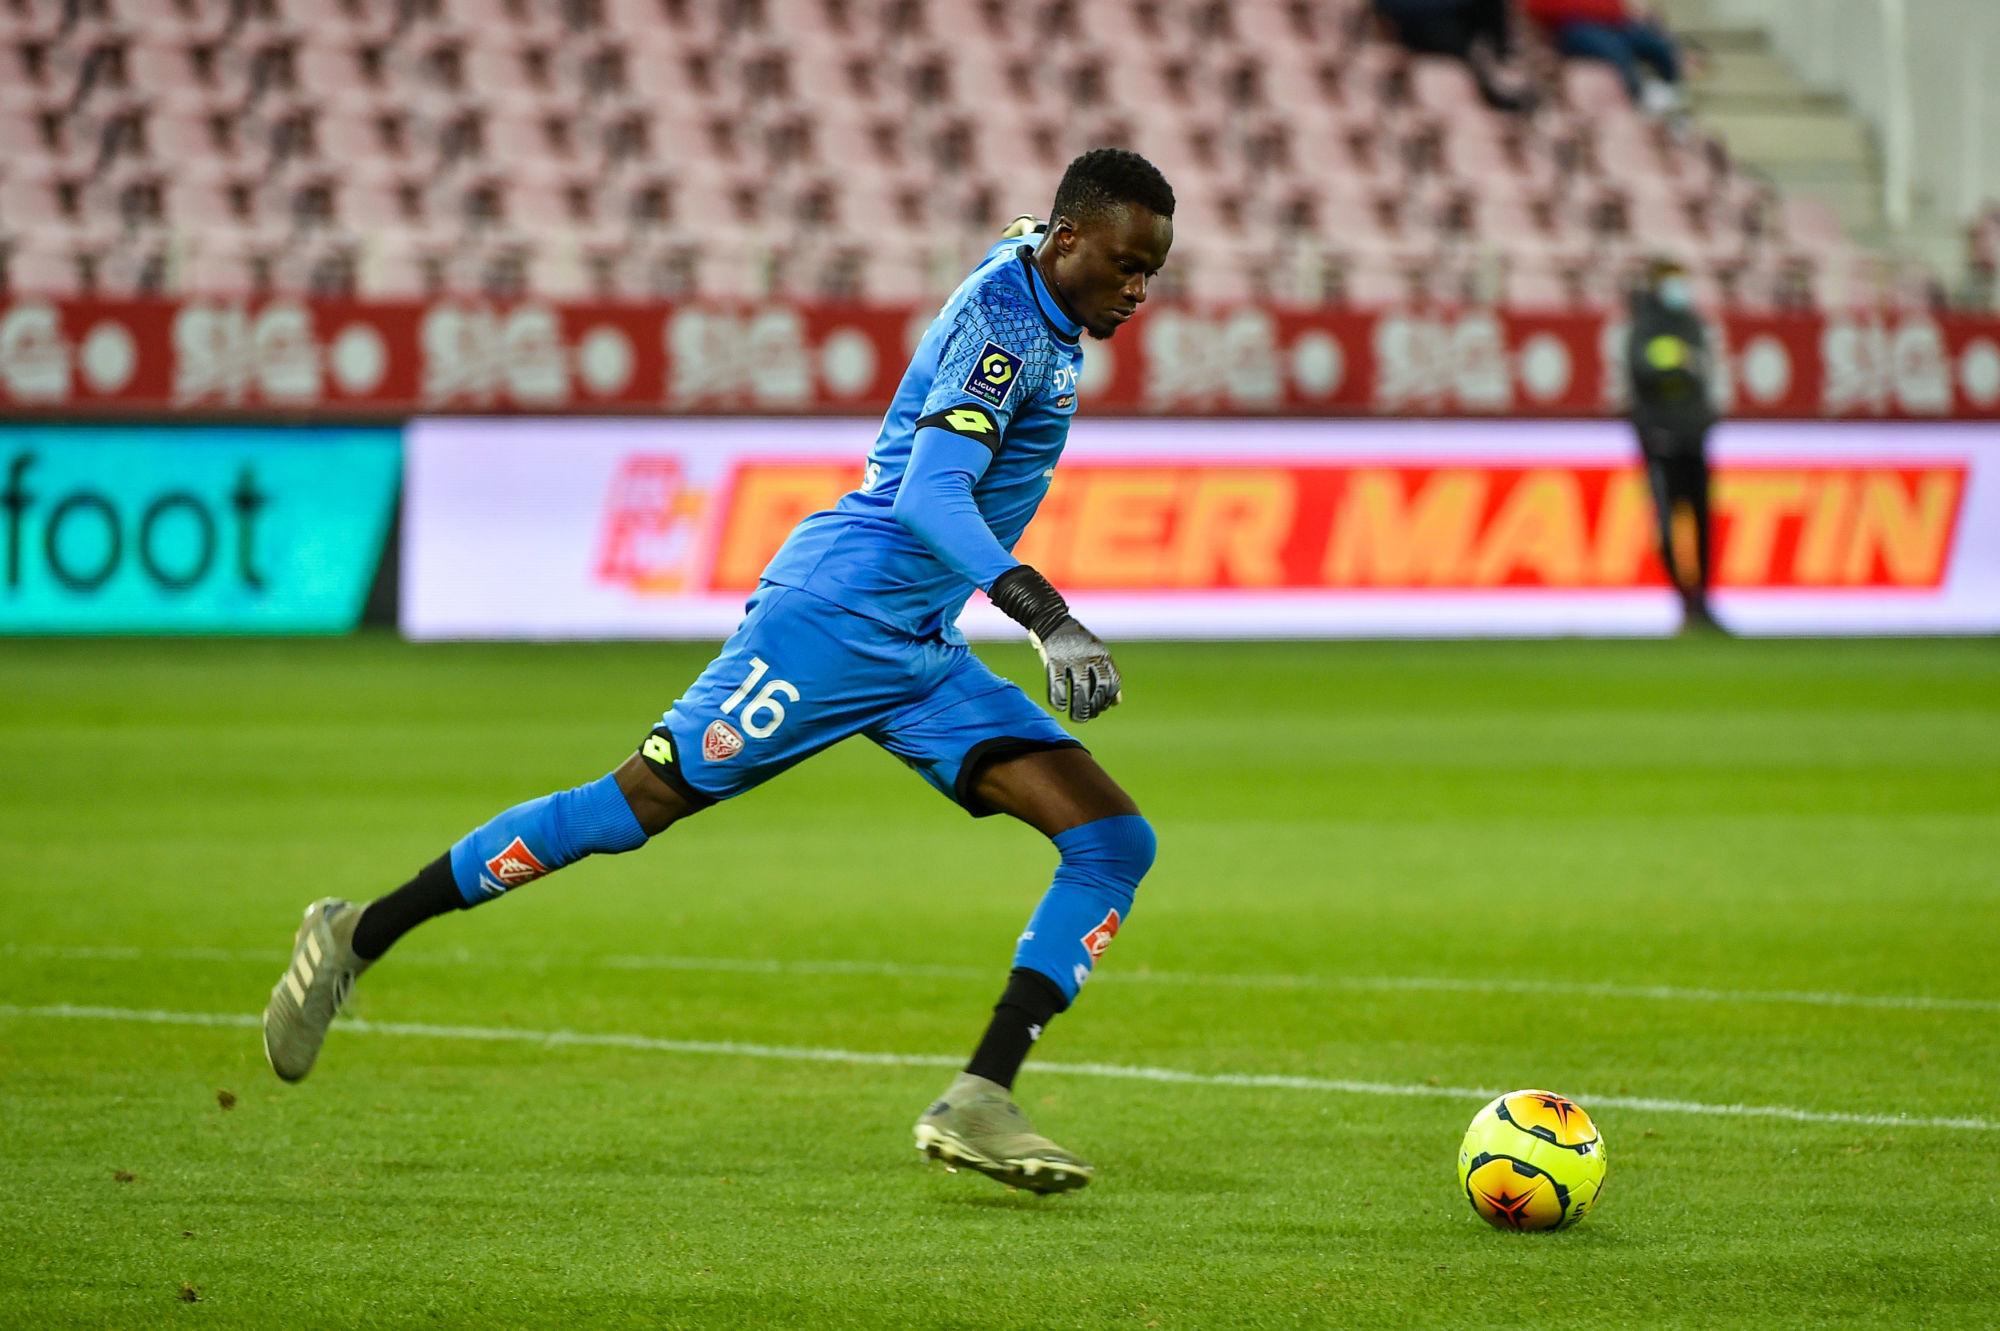 PSG/Dijon - Allagbé ne veut pas se mettre «une pression inutile»